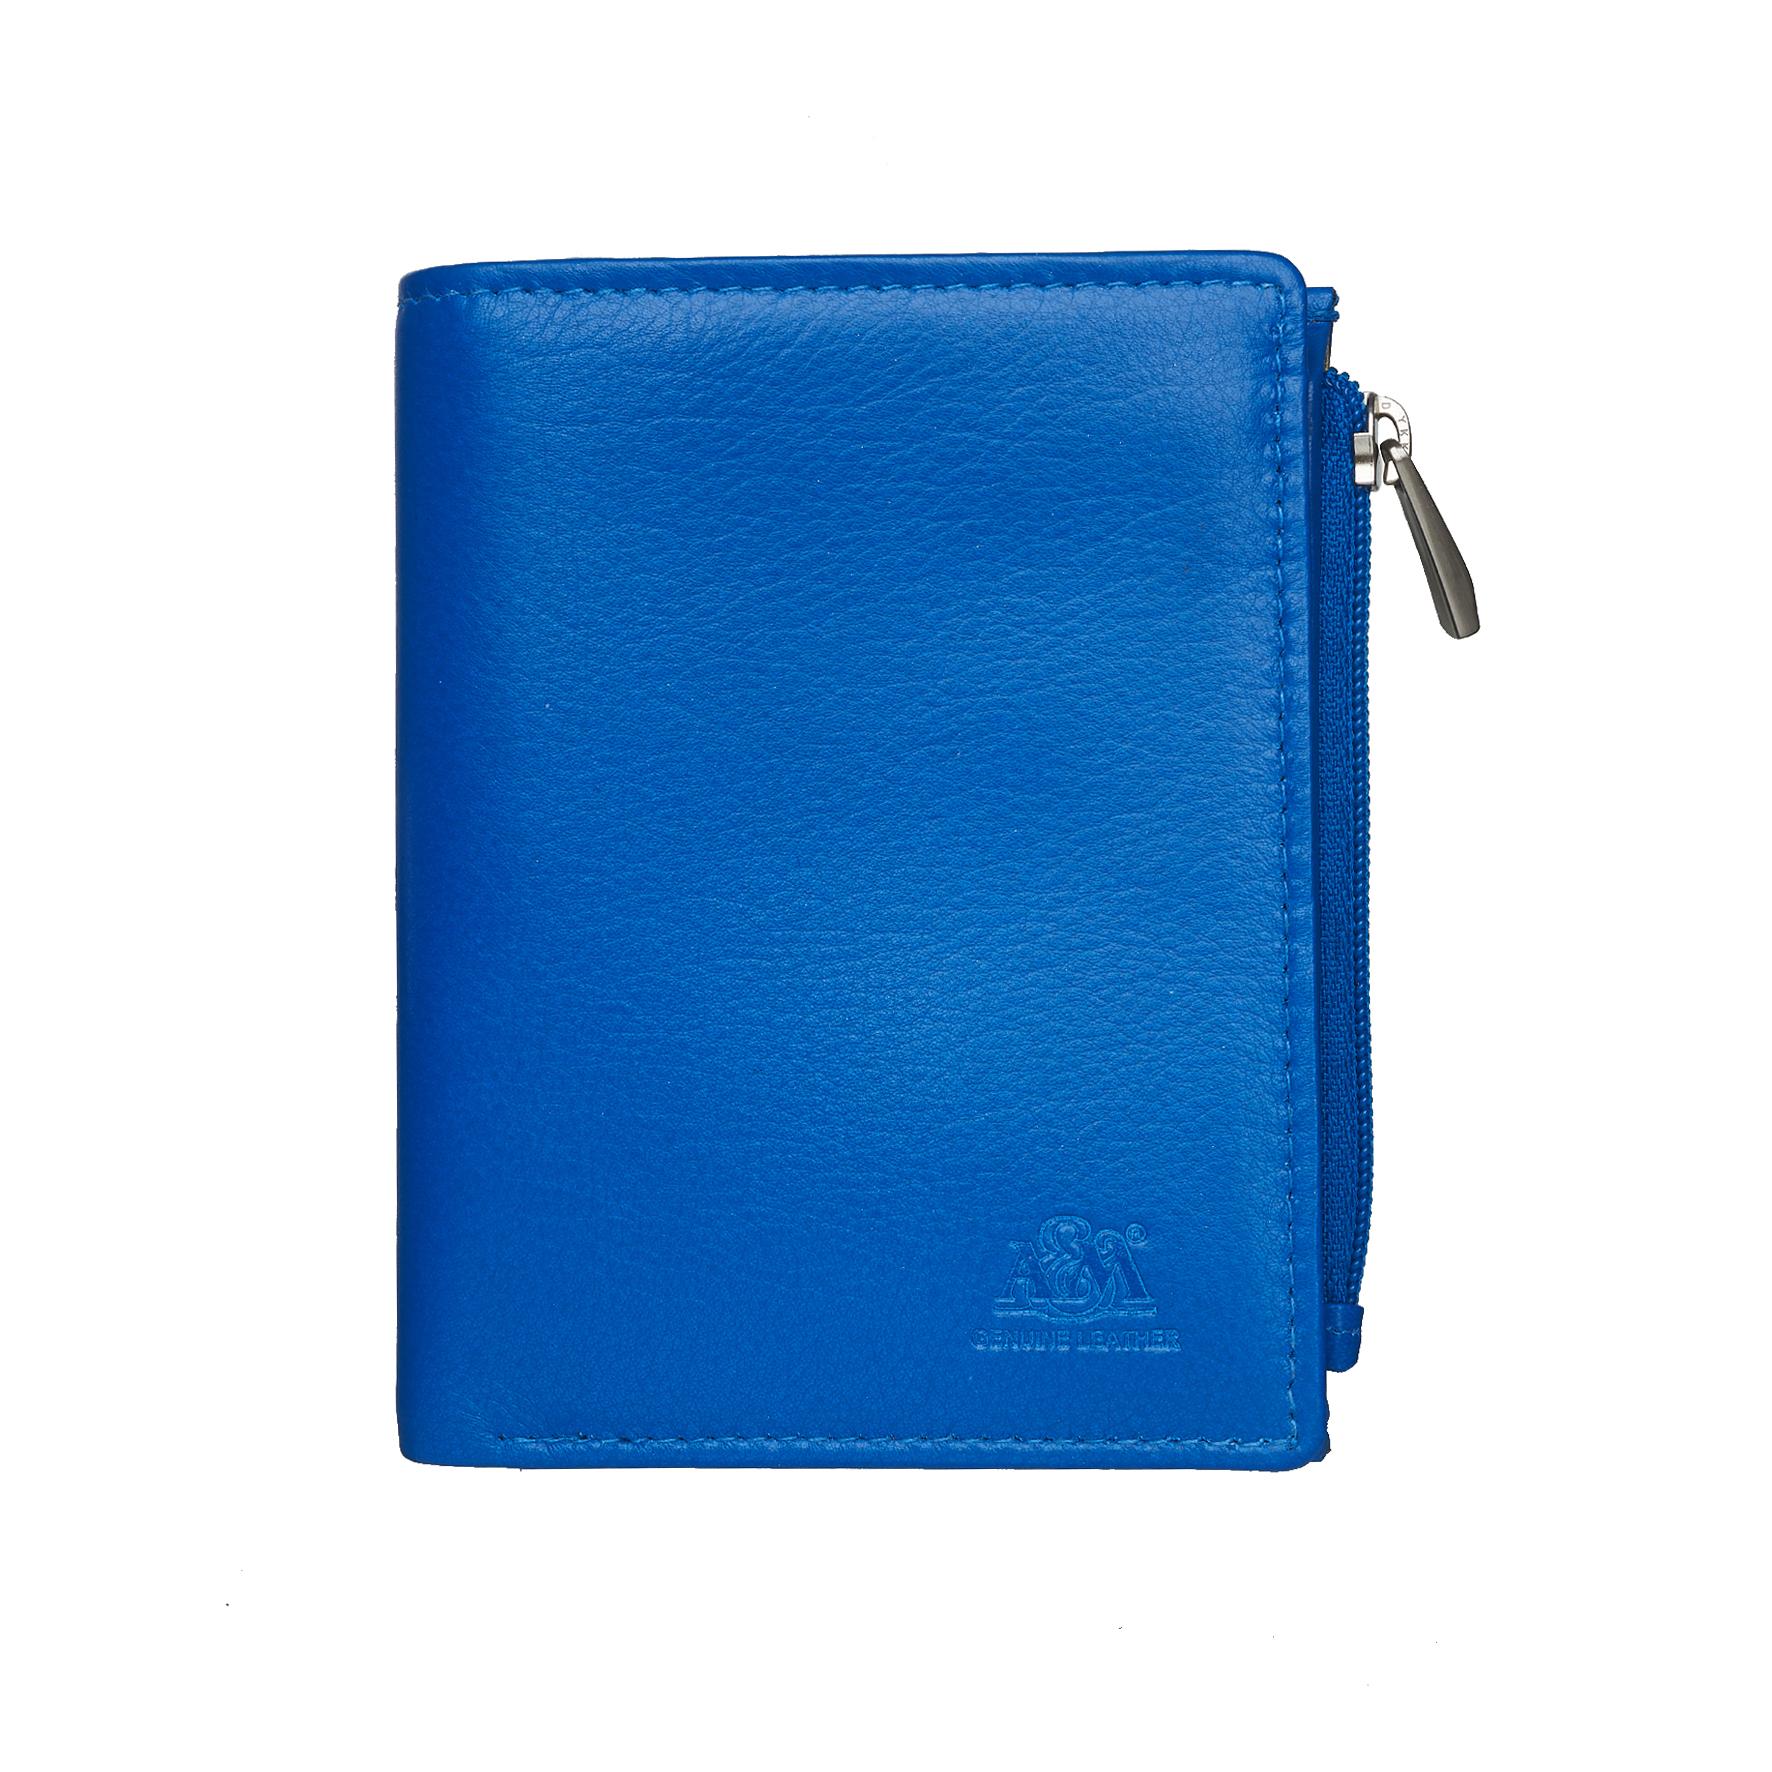 Портмоне A&M женское, 2655N.Blue, синий, синий женское платье деним синий